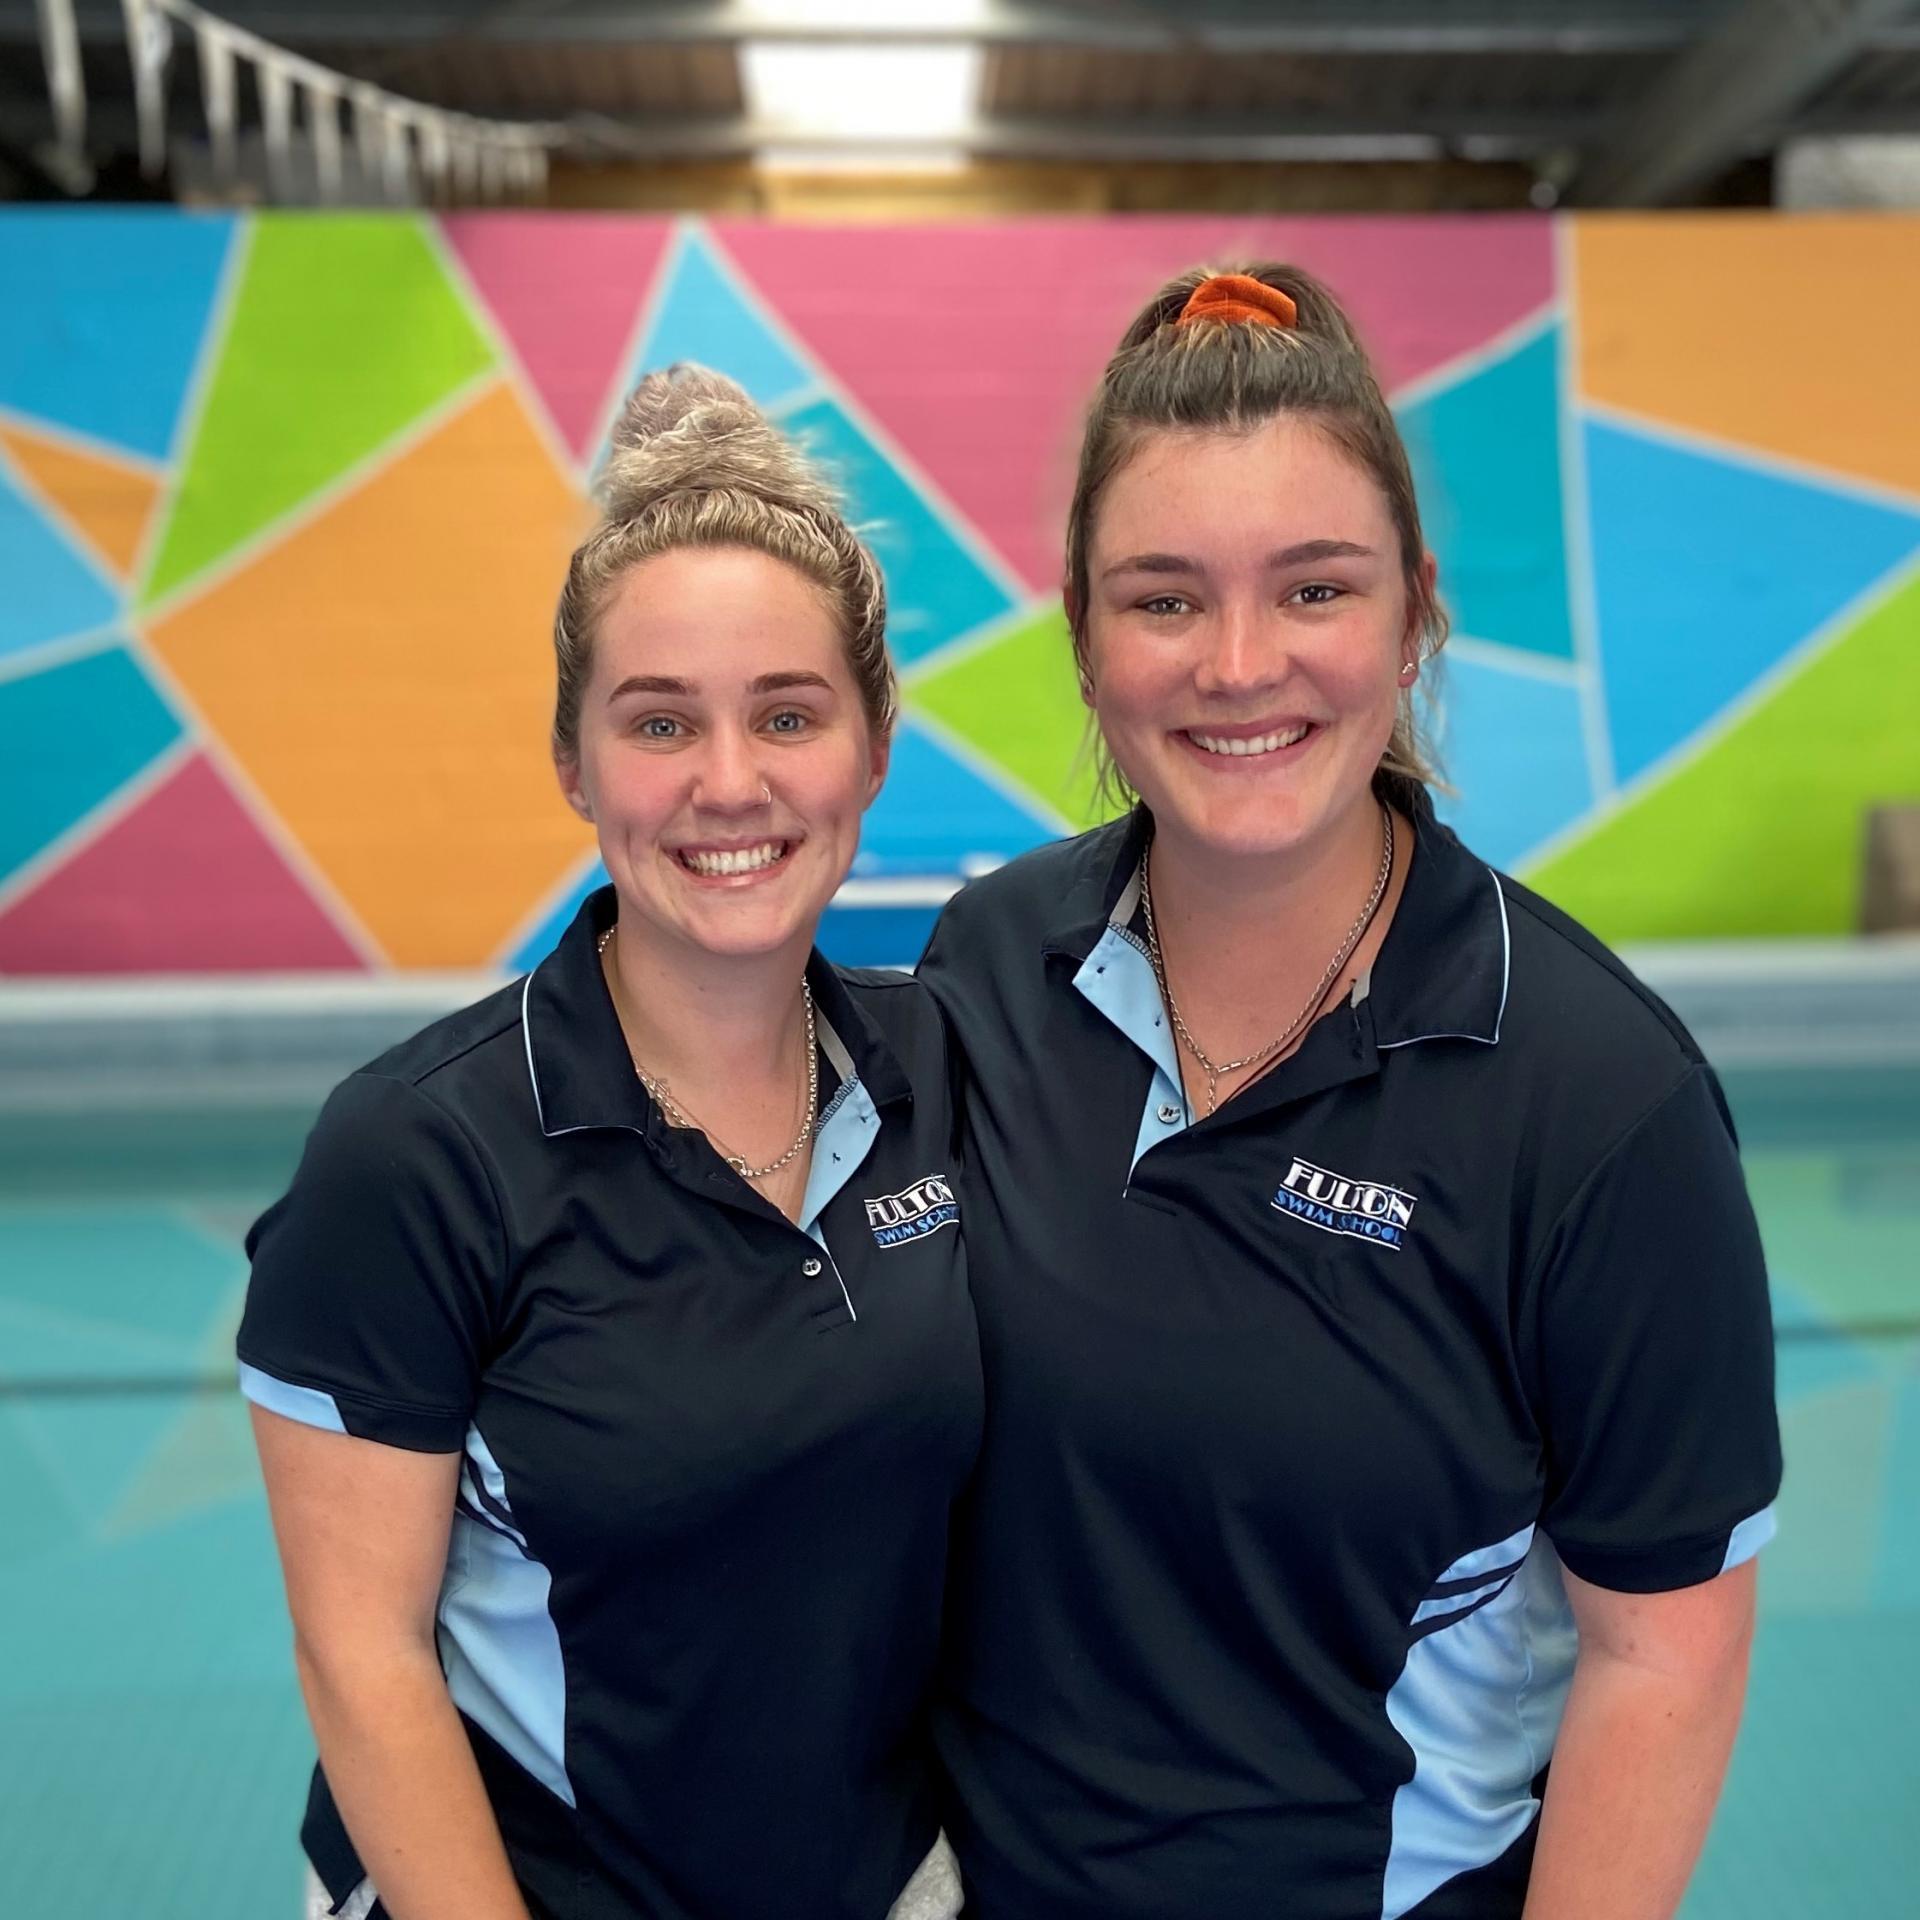 Puni Team Leader - Fultons Swim School